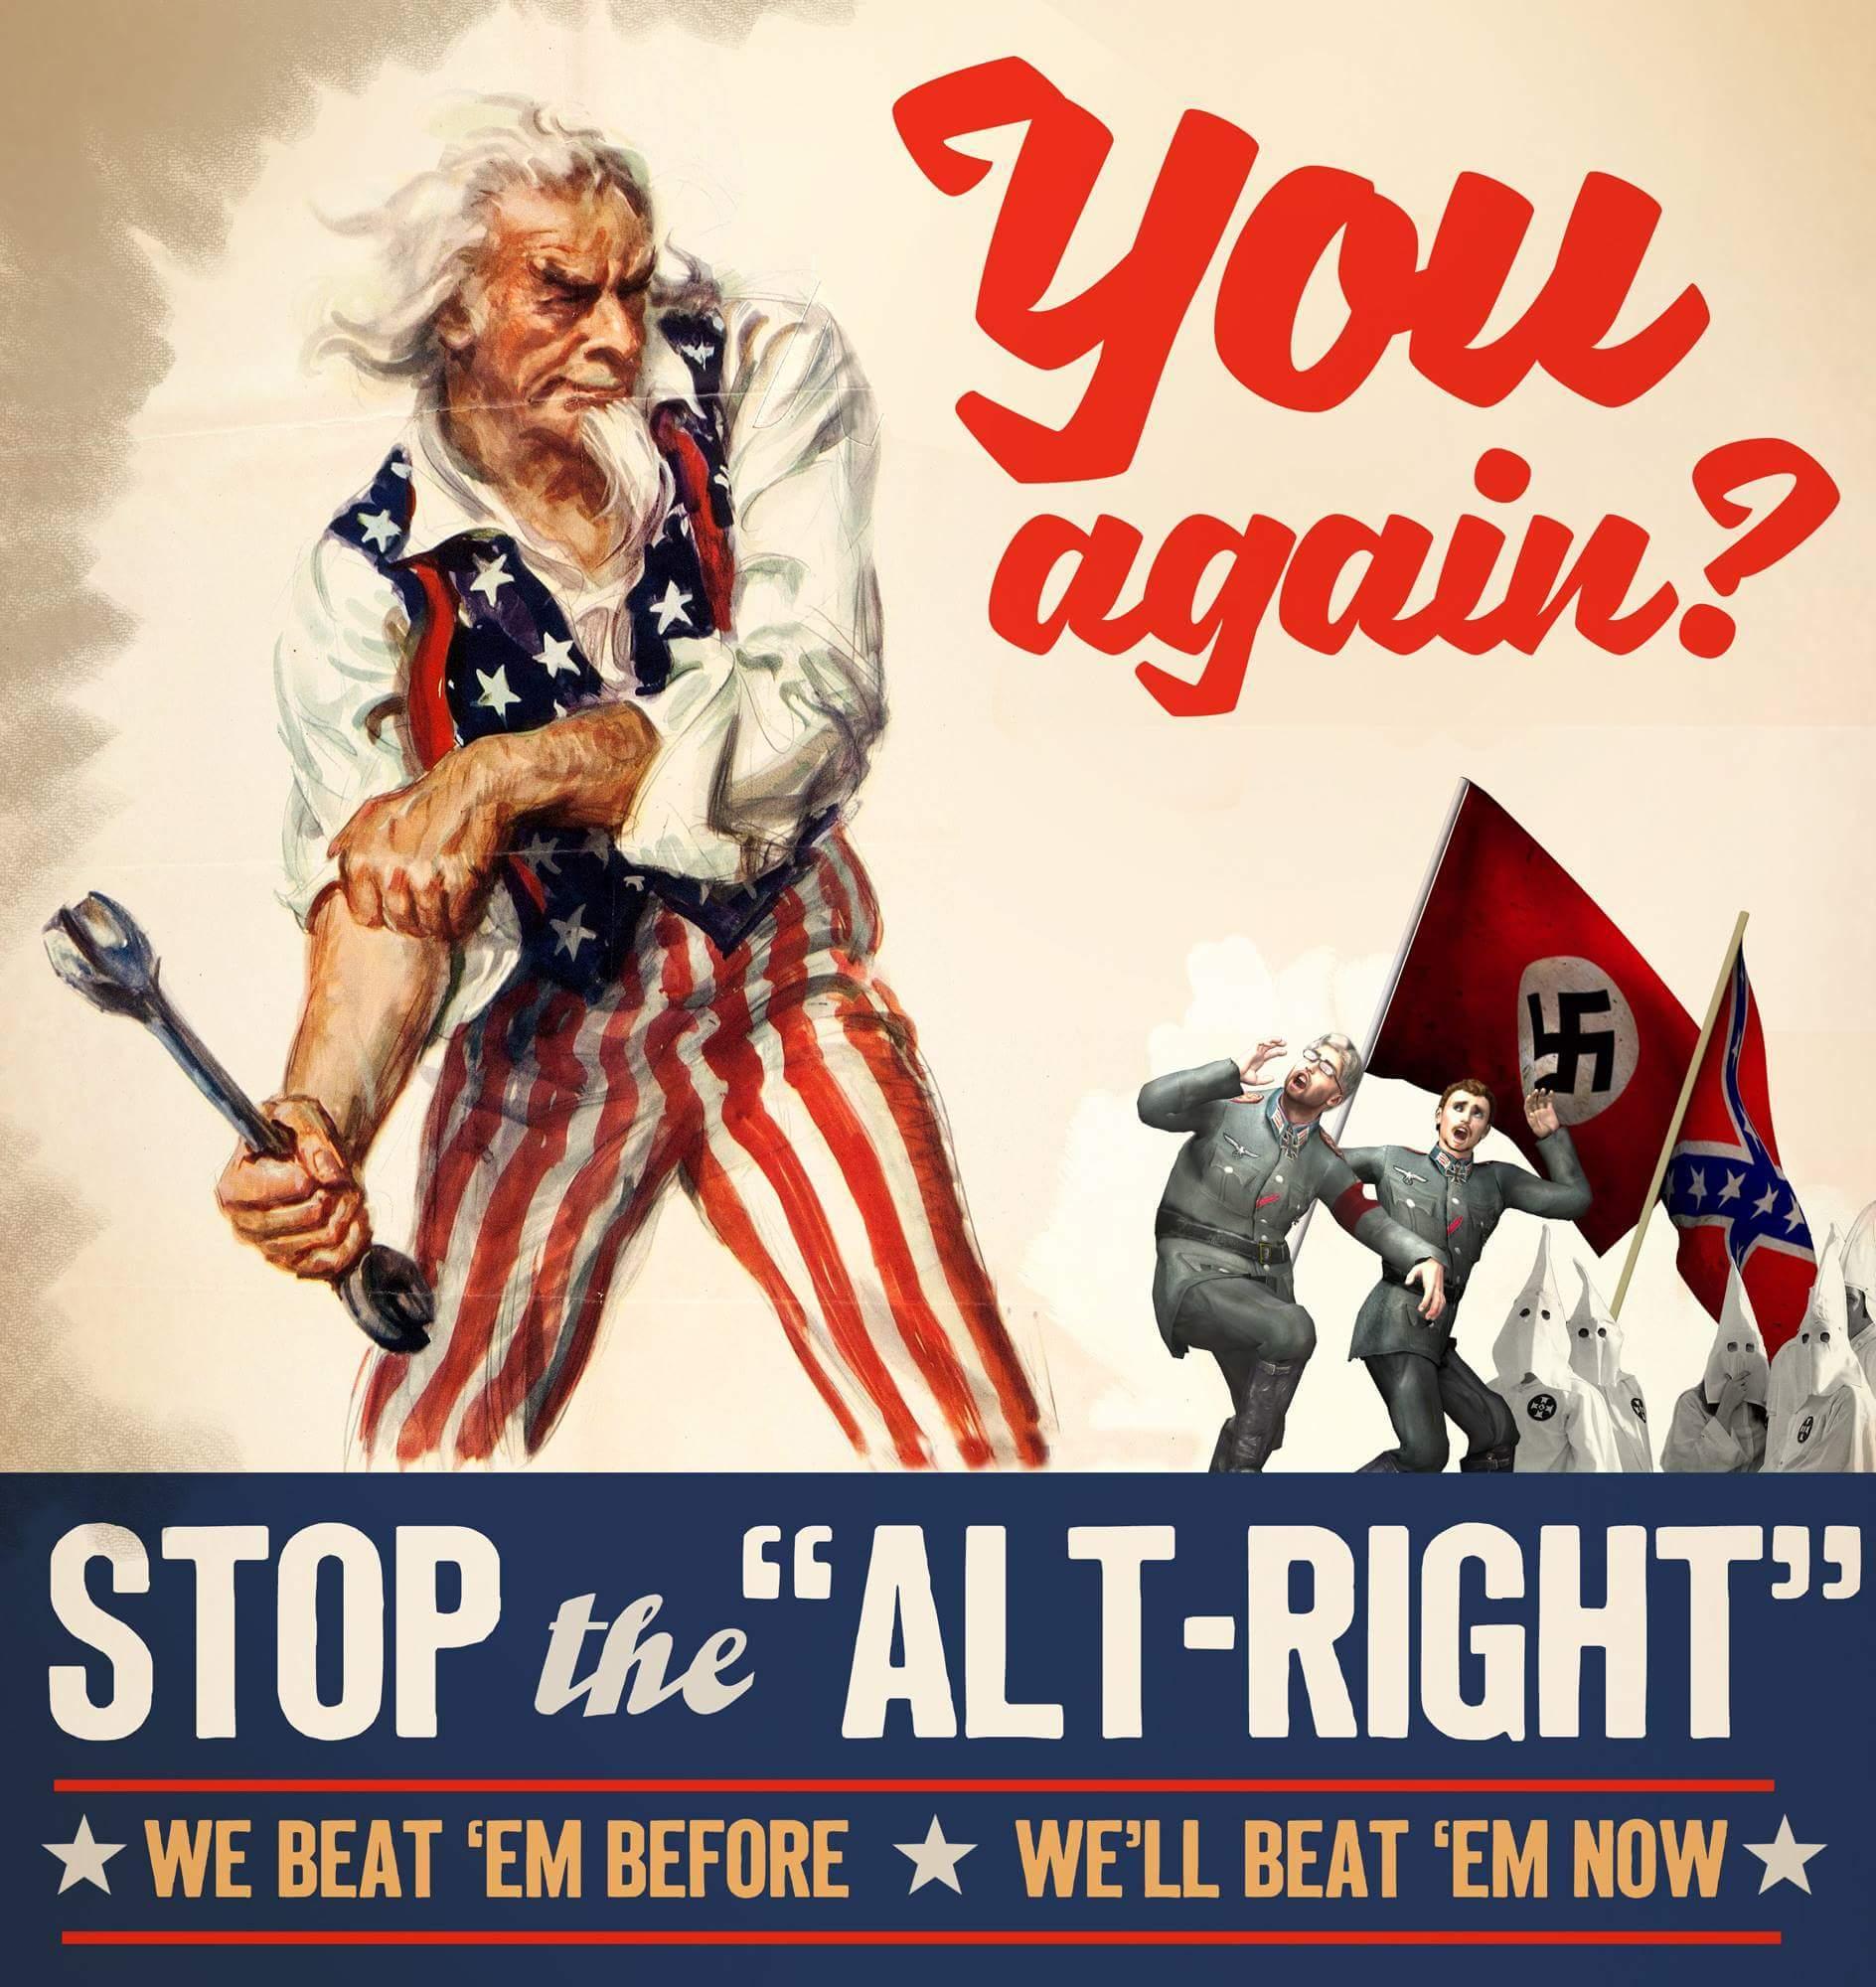 Fuck Nazi scum - meme